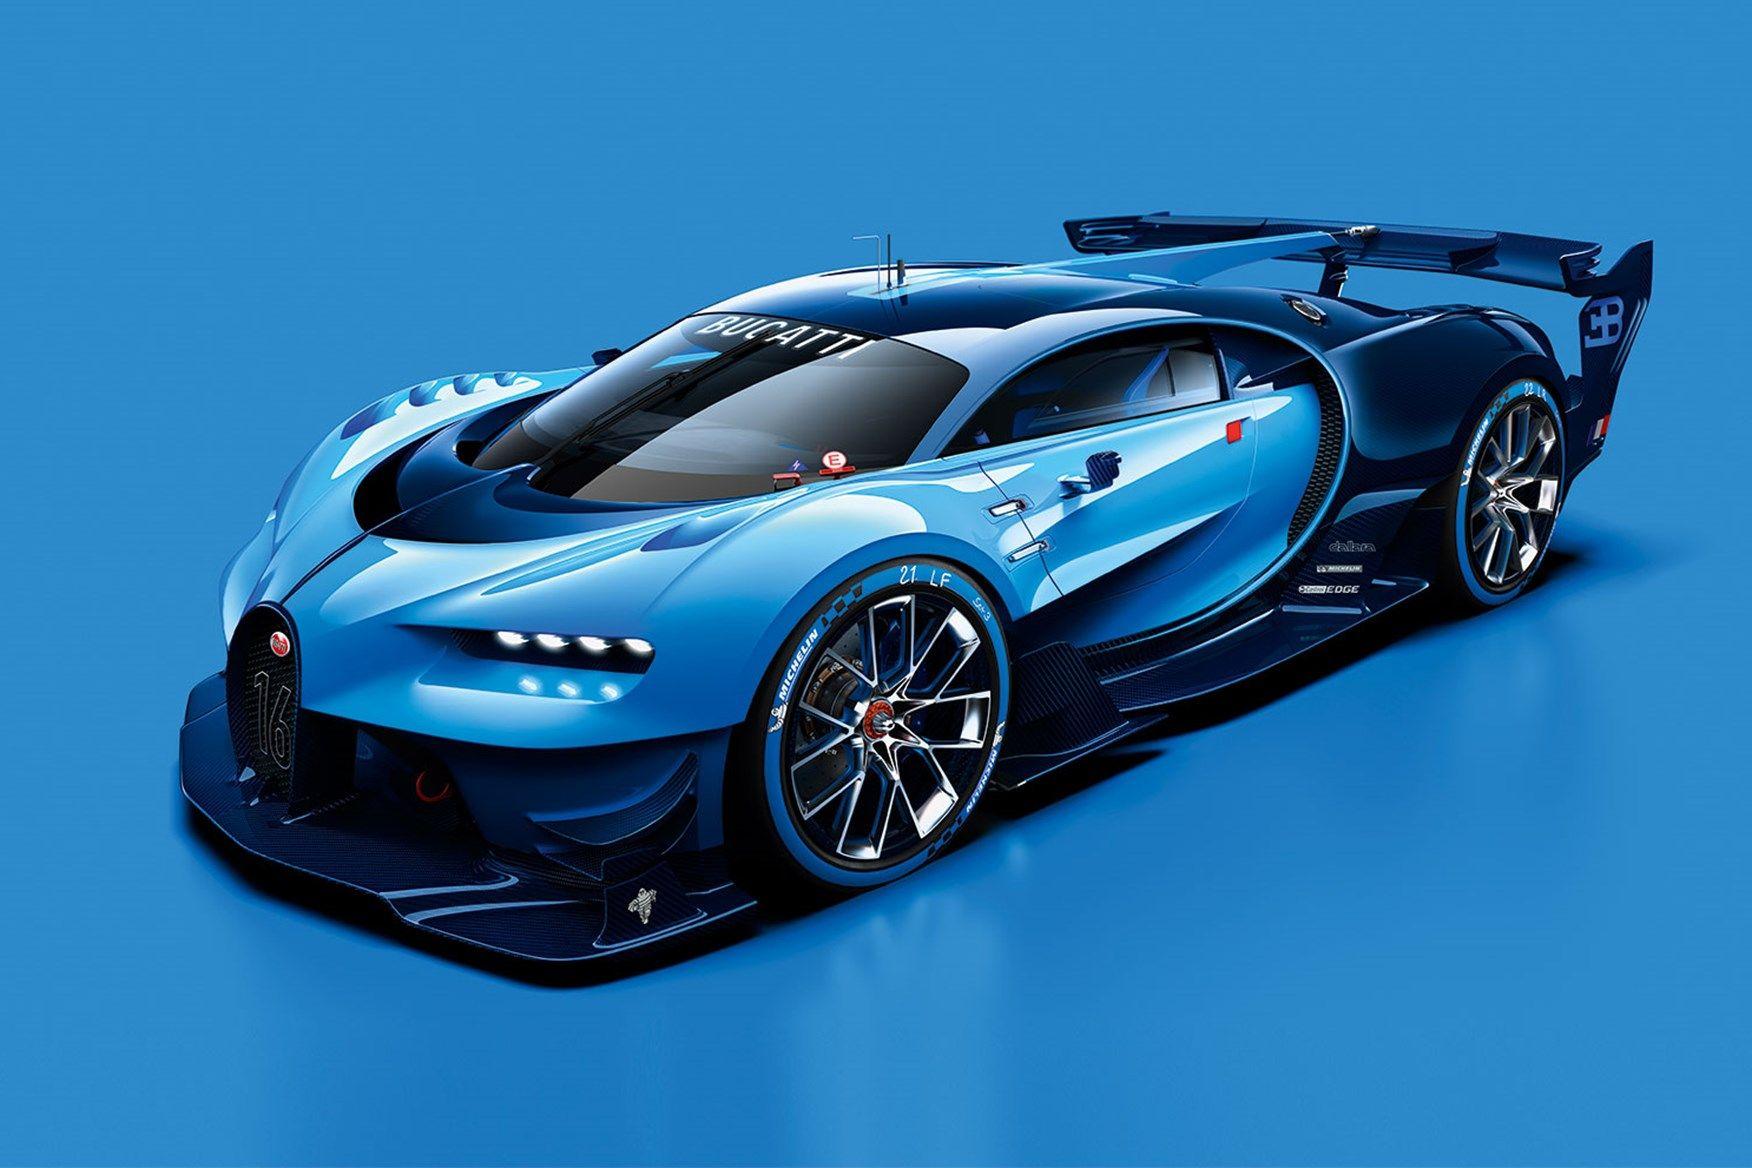 Bugatti Vision Gt Wallpaper Bugatti Vehicules Futuristes Voiture De Sport